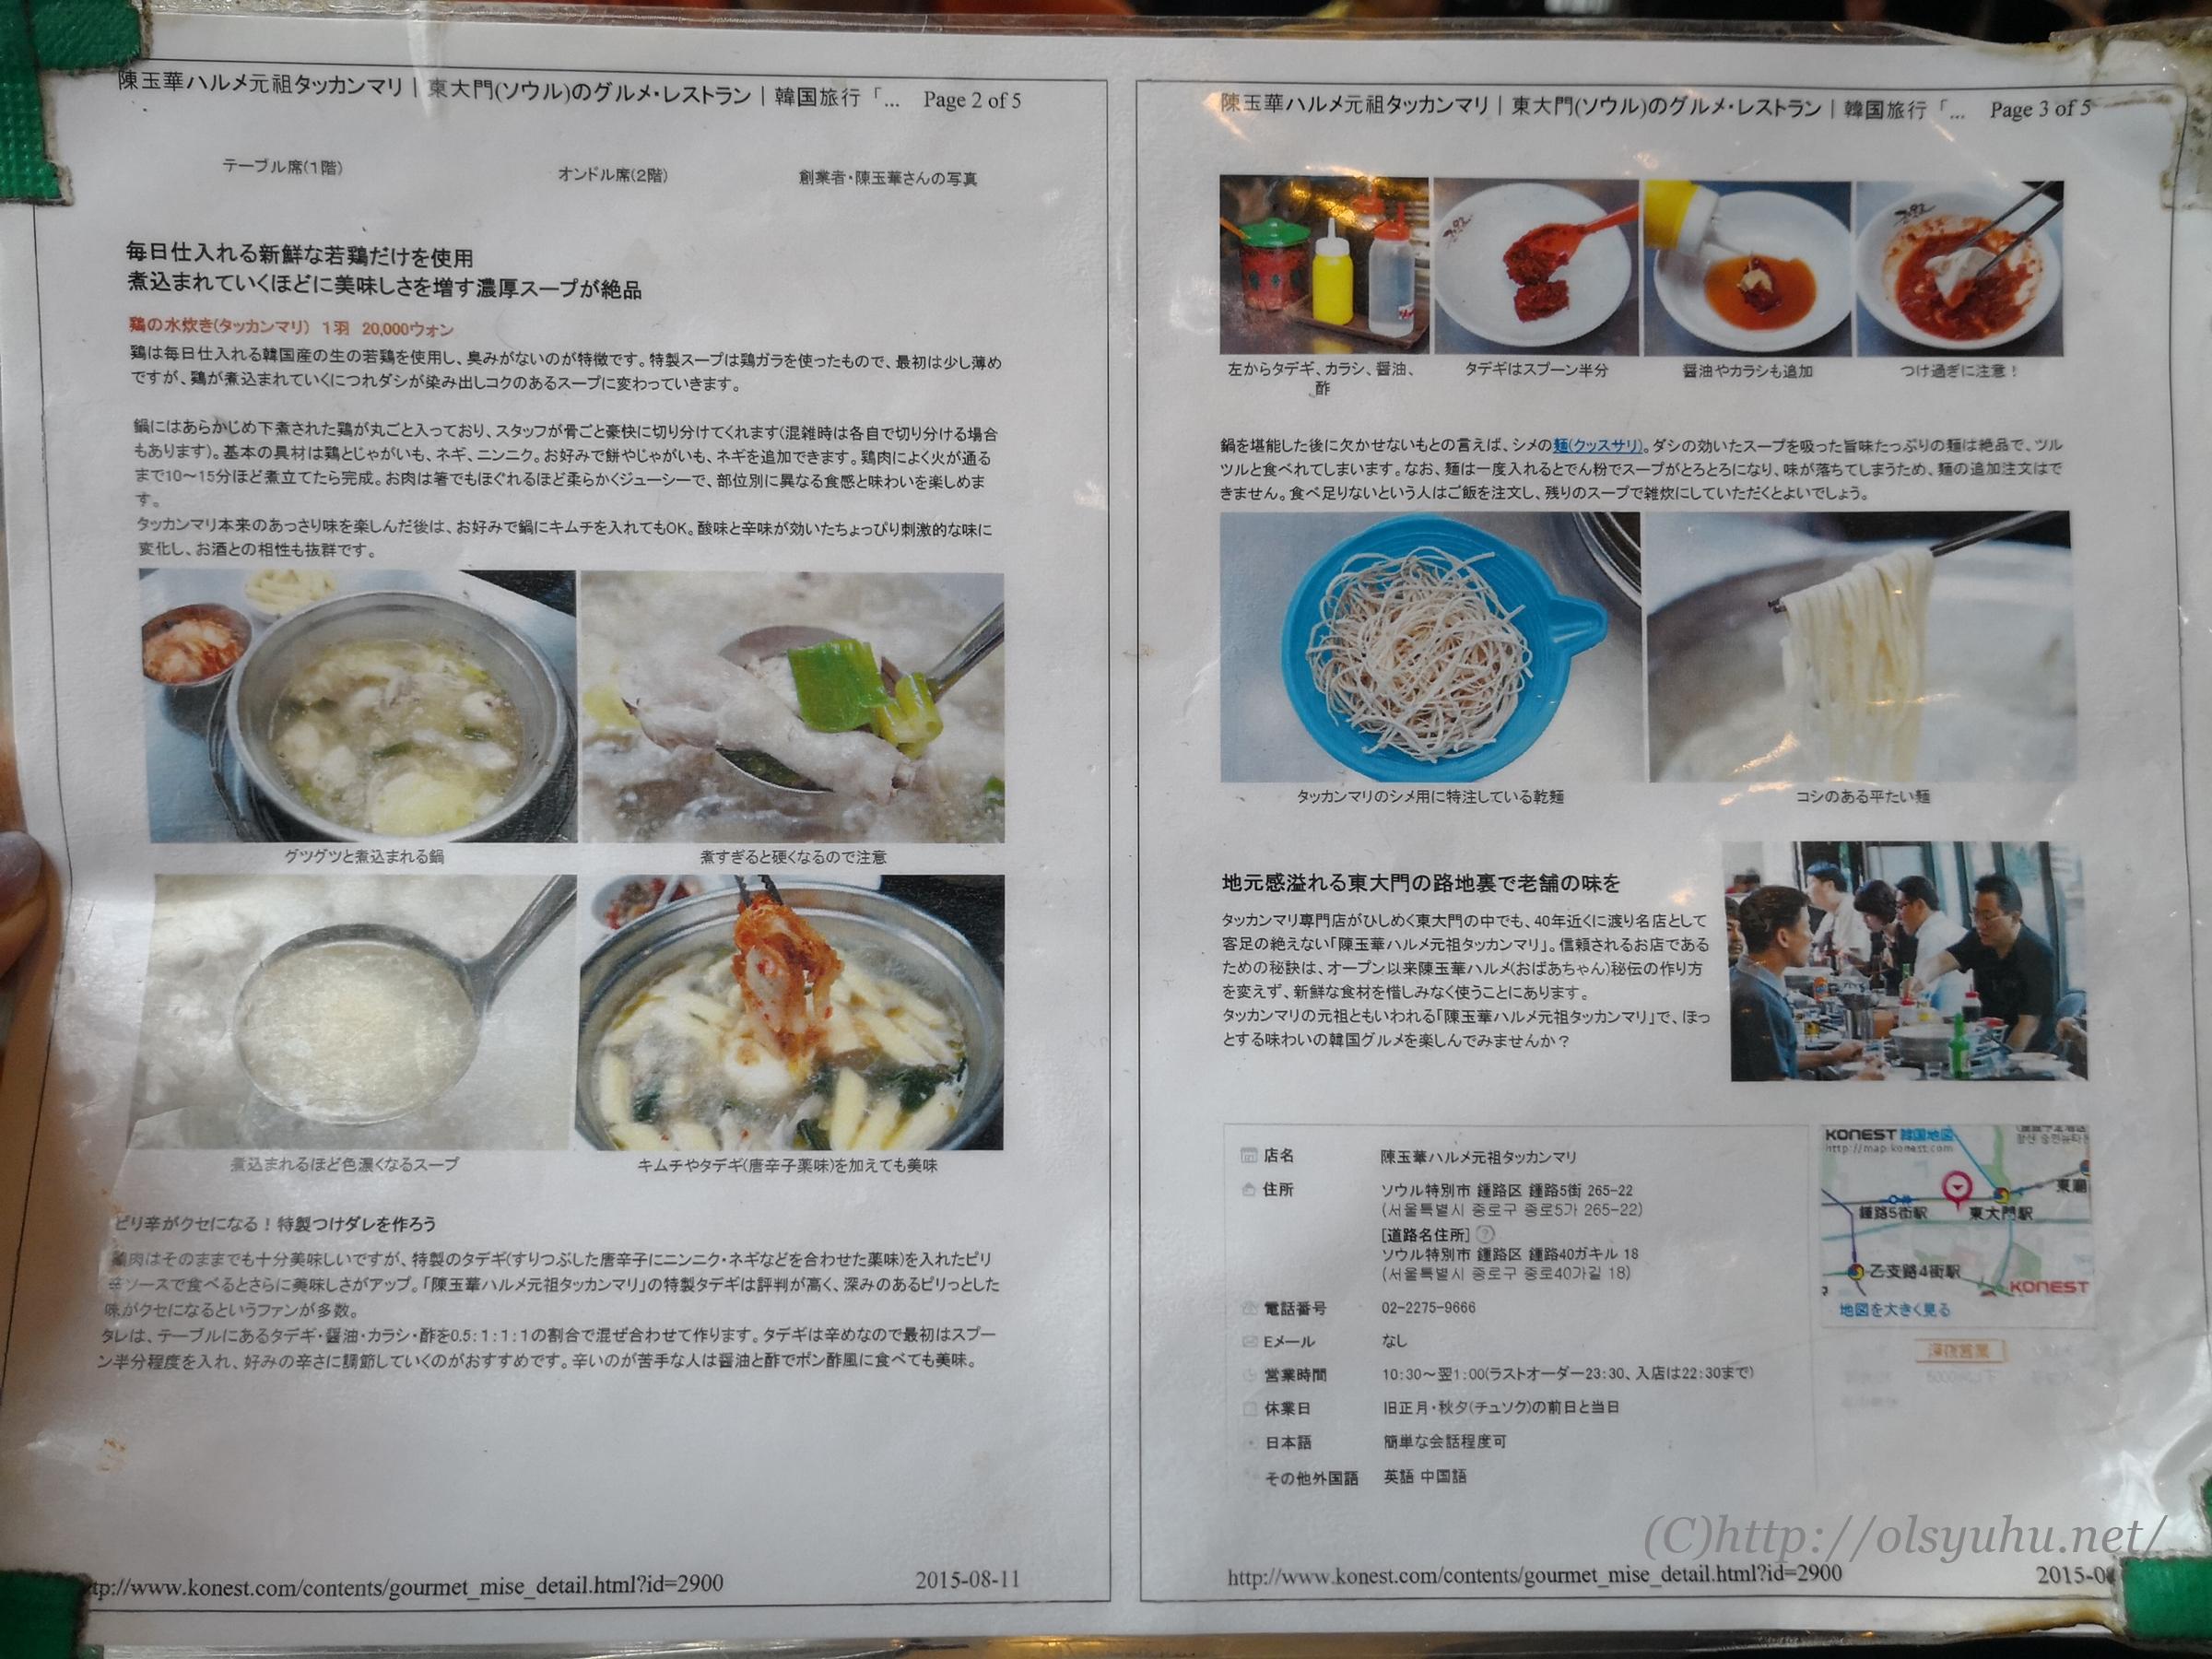 韓国タッカンマリの食べ方